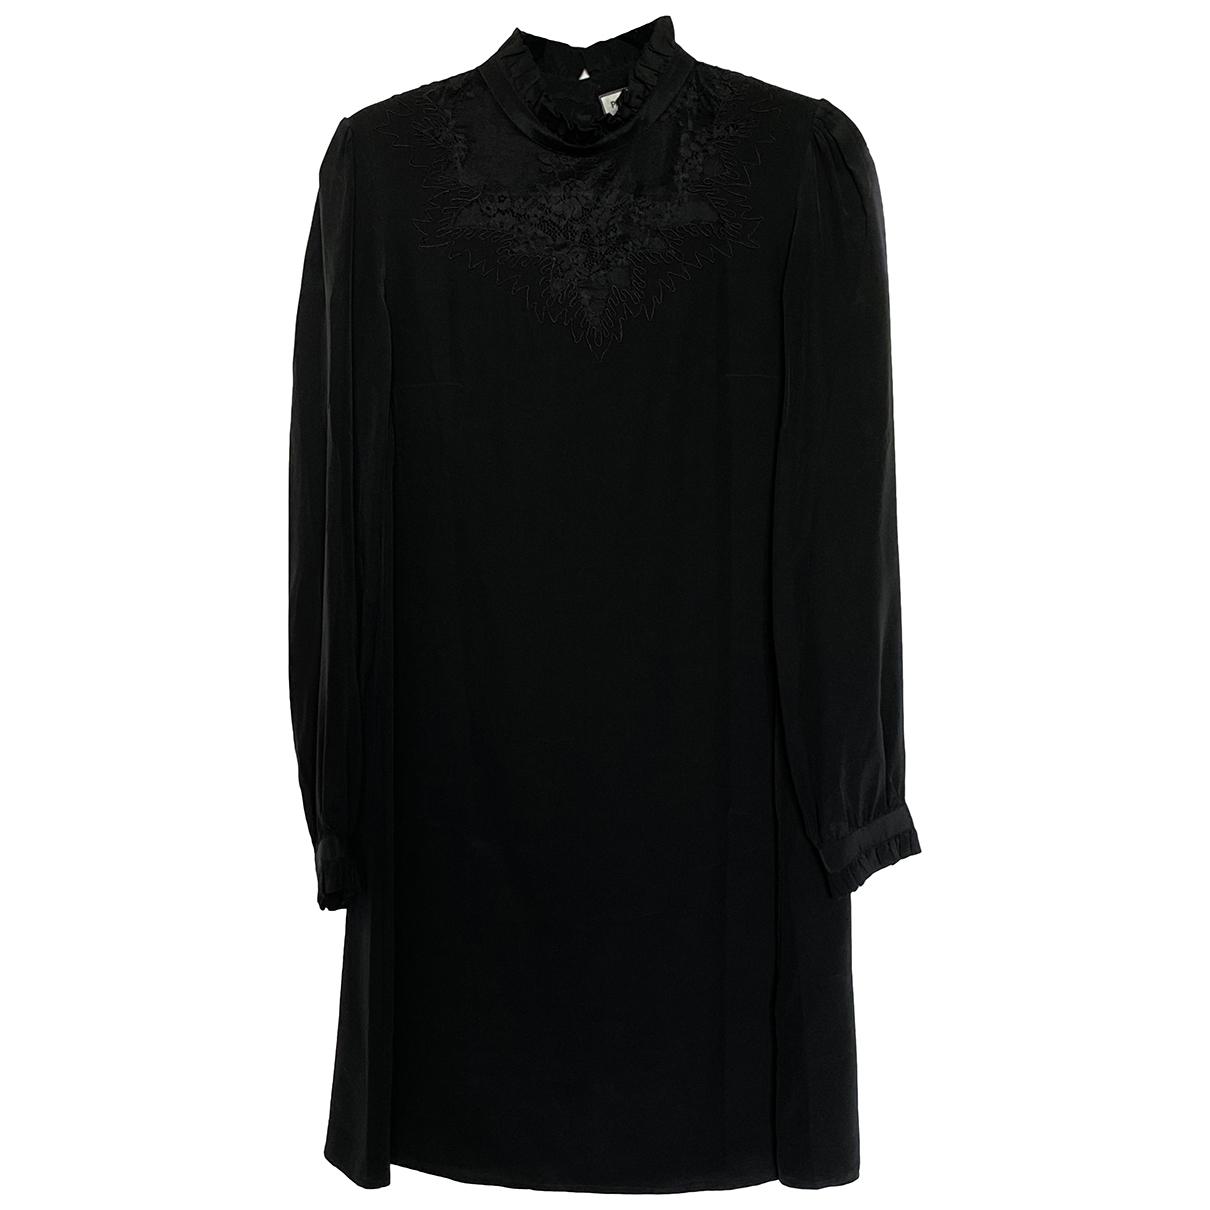 Paul & Joe \N Black Silk dress for Women 34 FR